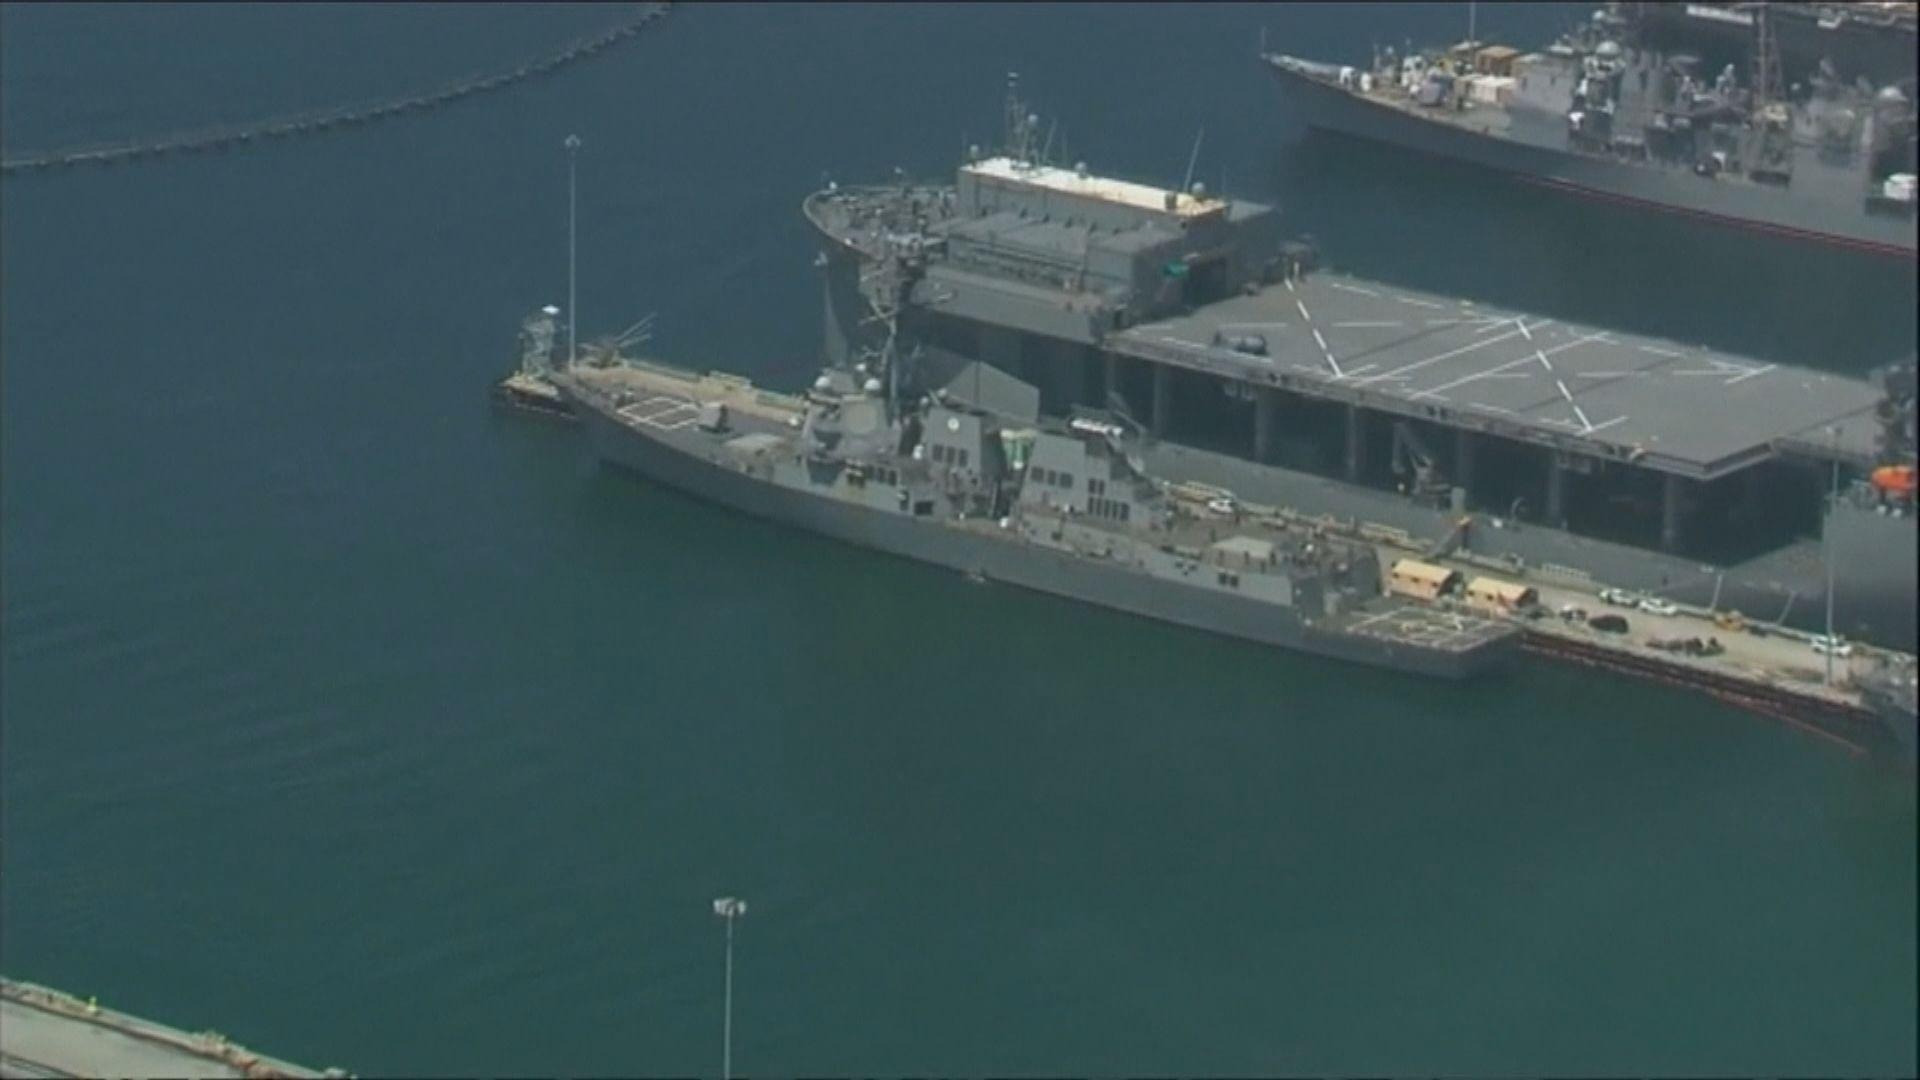 美軍驅逐艦基德號增至64人確診